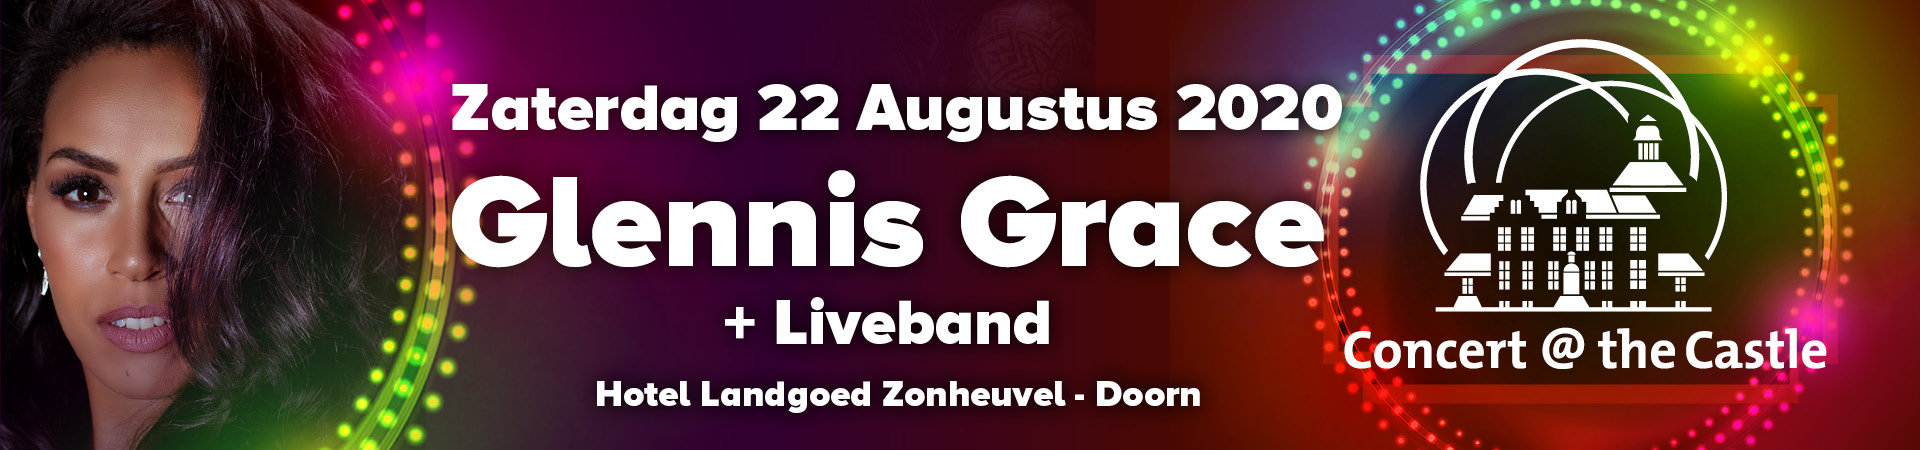 Concert @ The castle Glennis Grace 22 aug